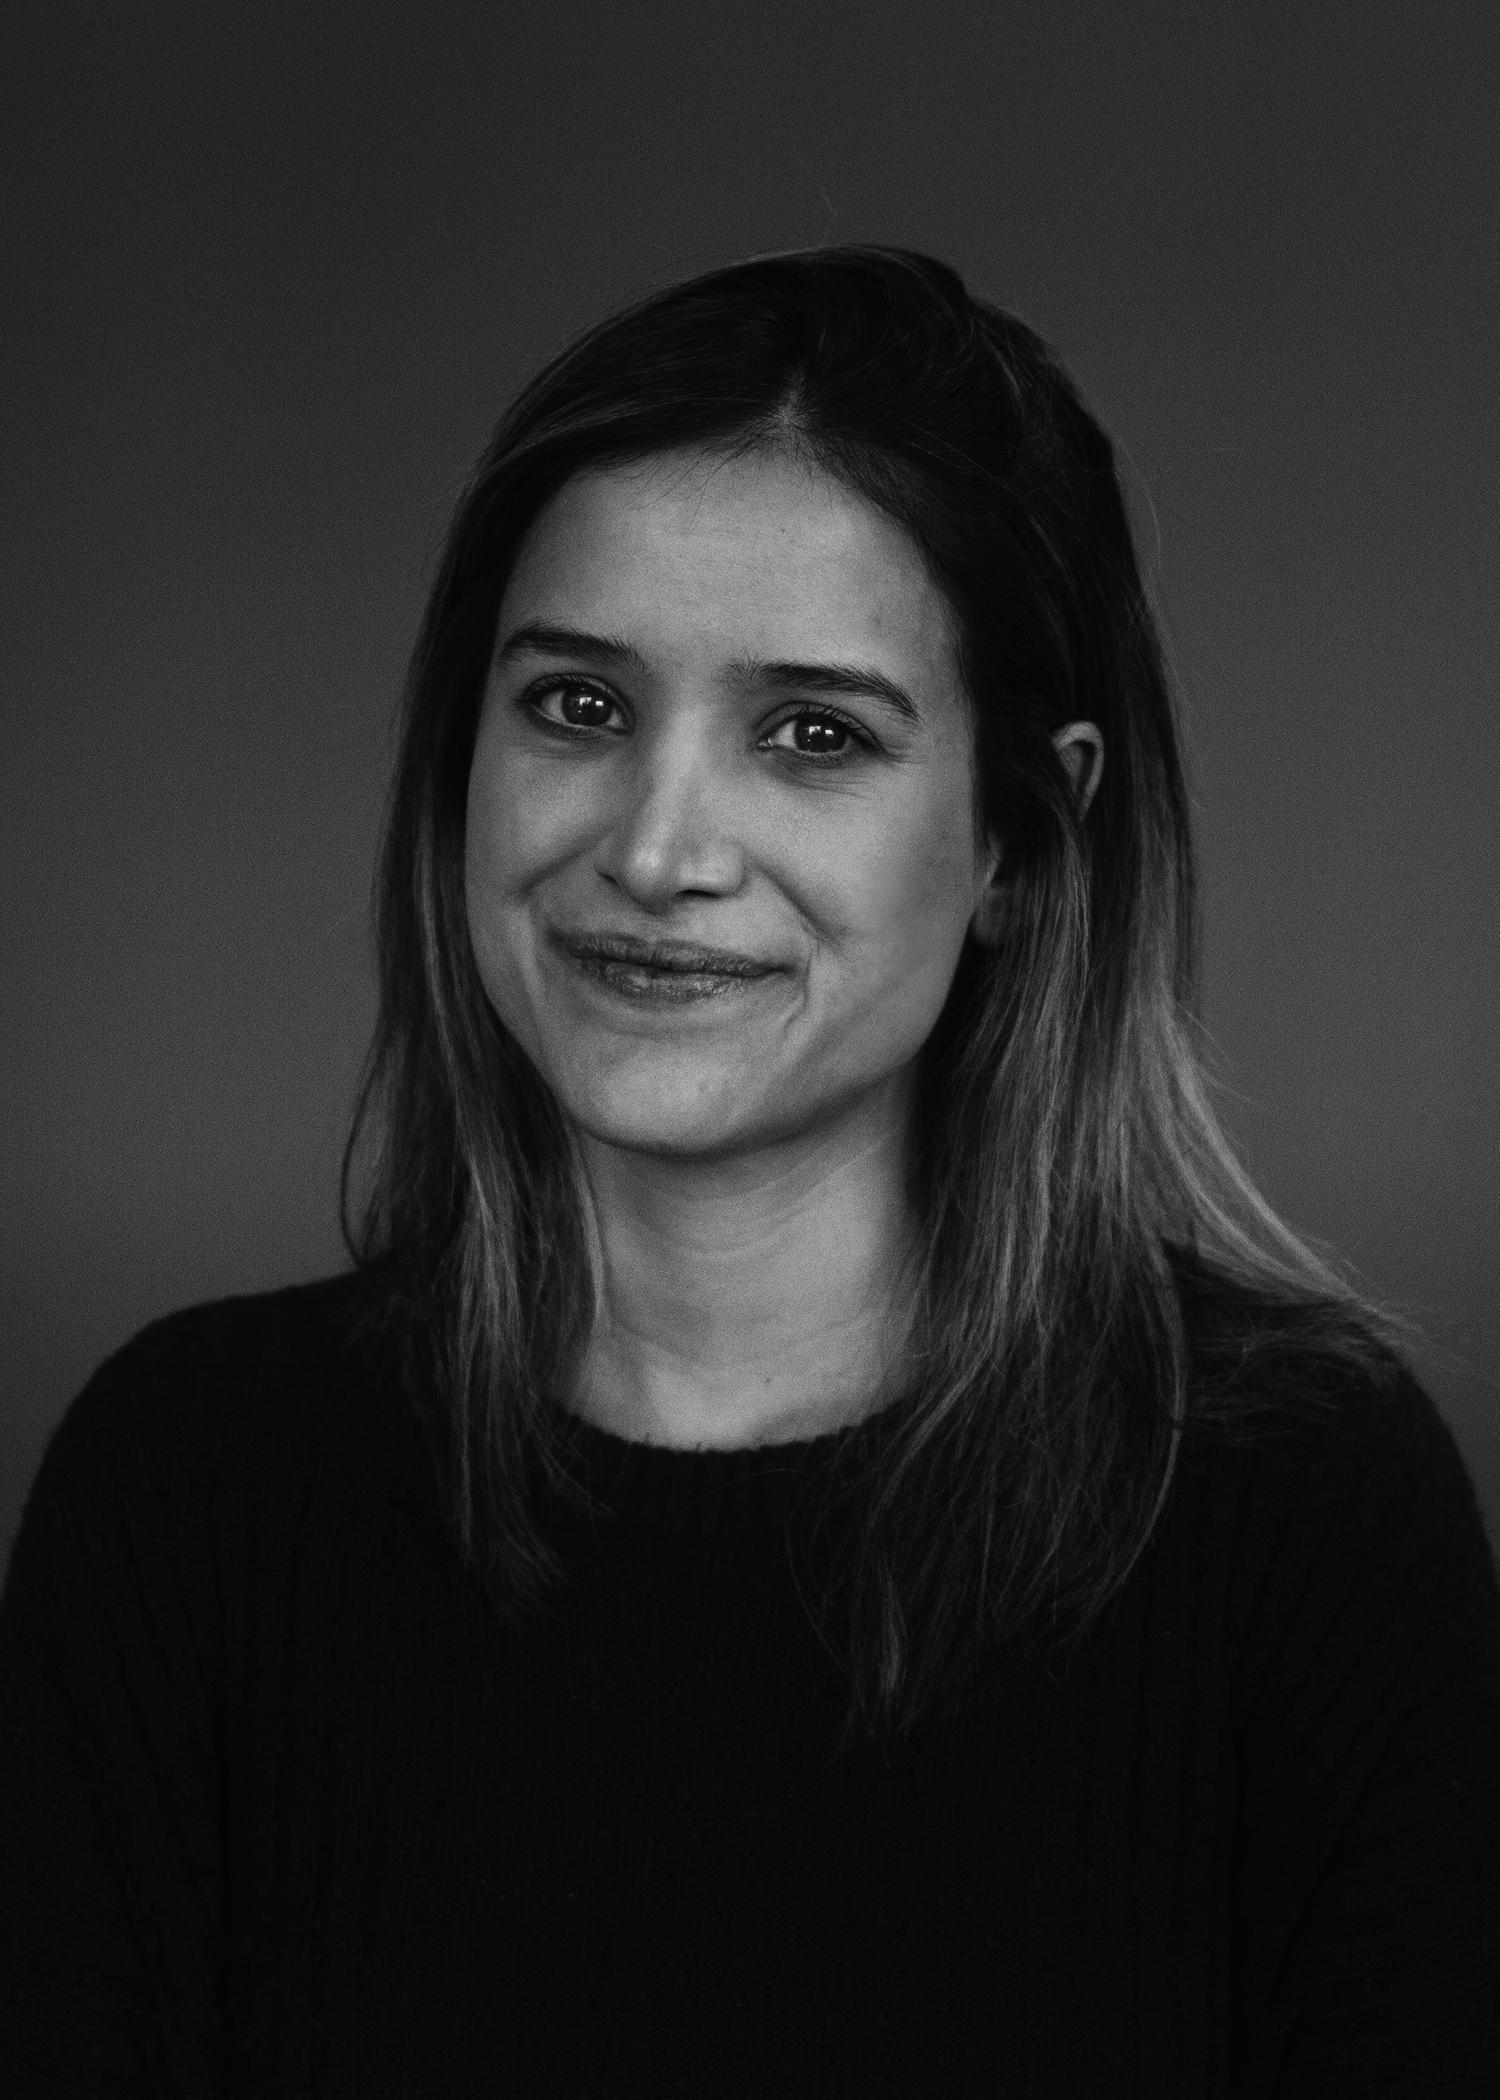 Marianna Terenzio, Producer